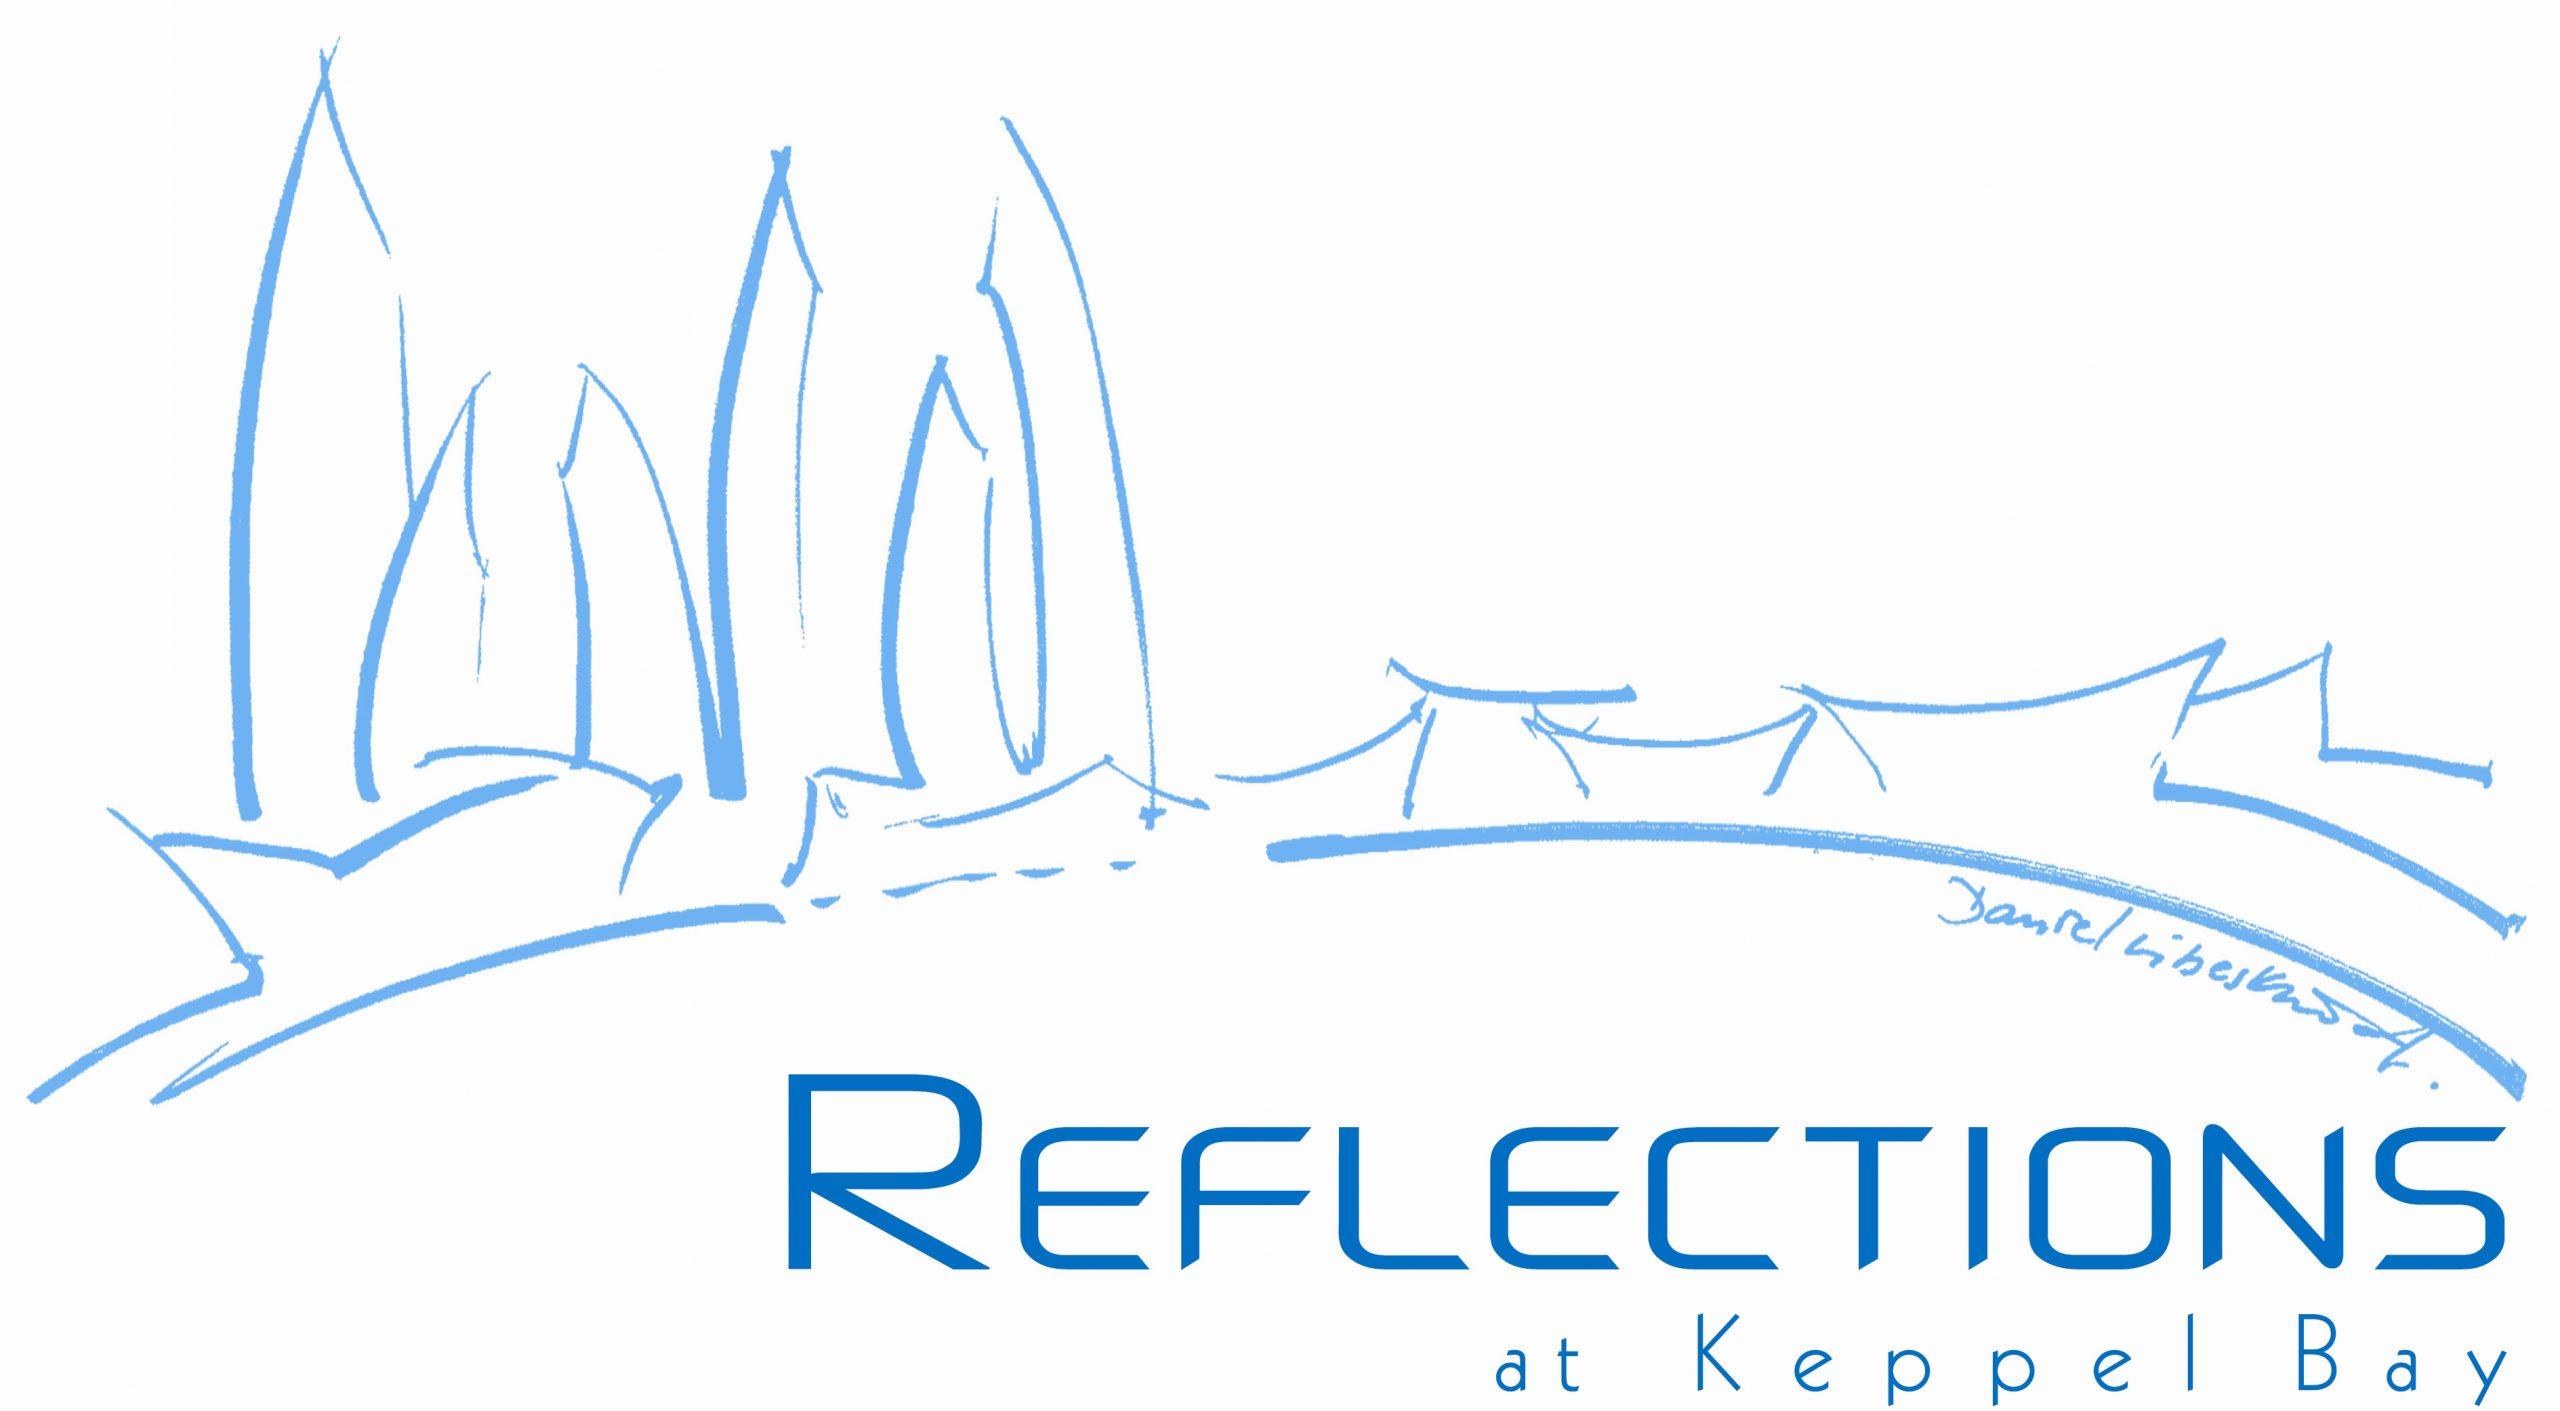 Reflection-logo